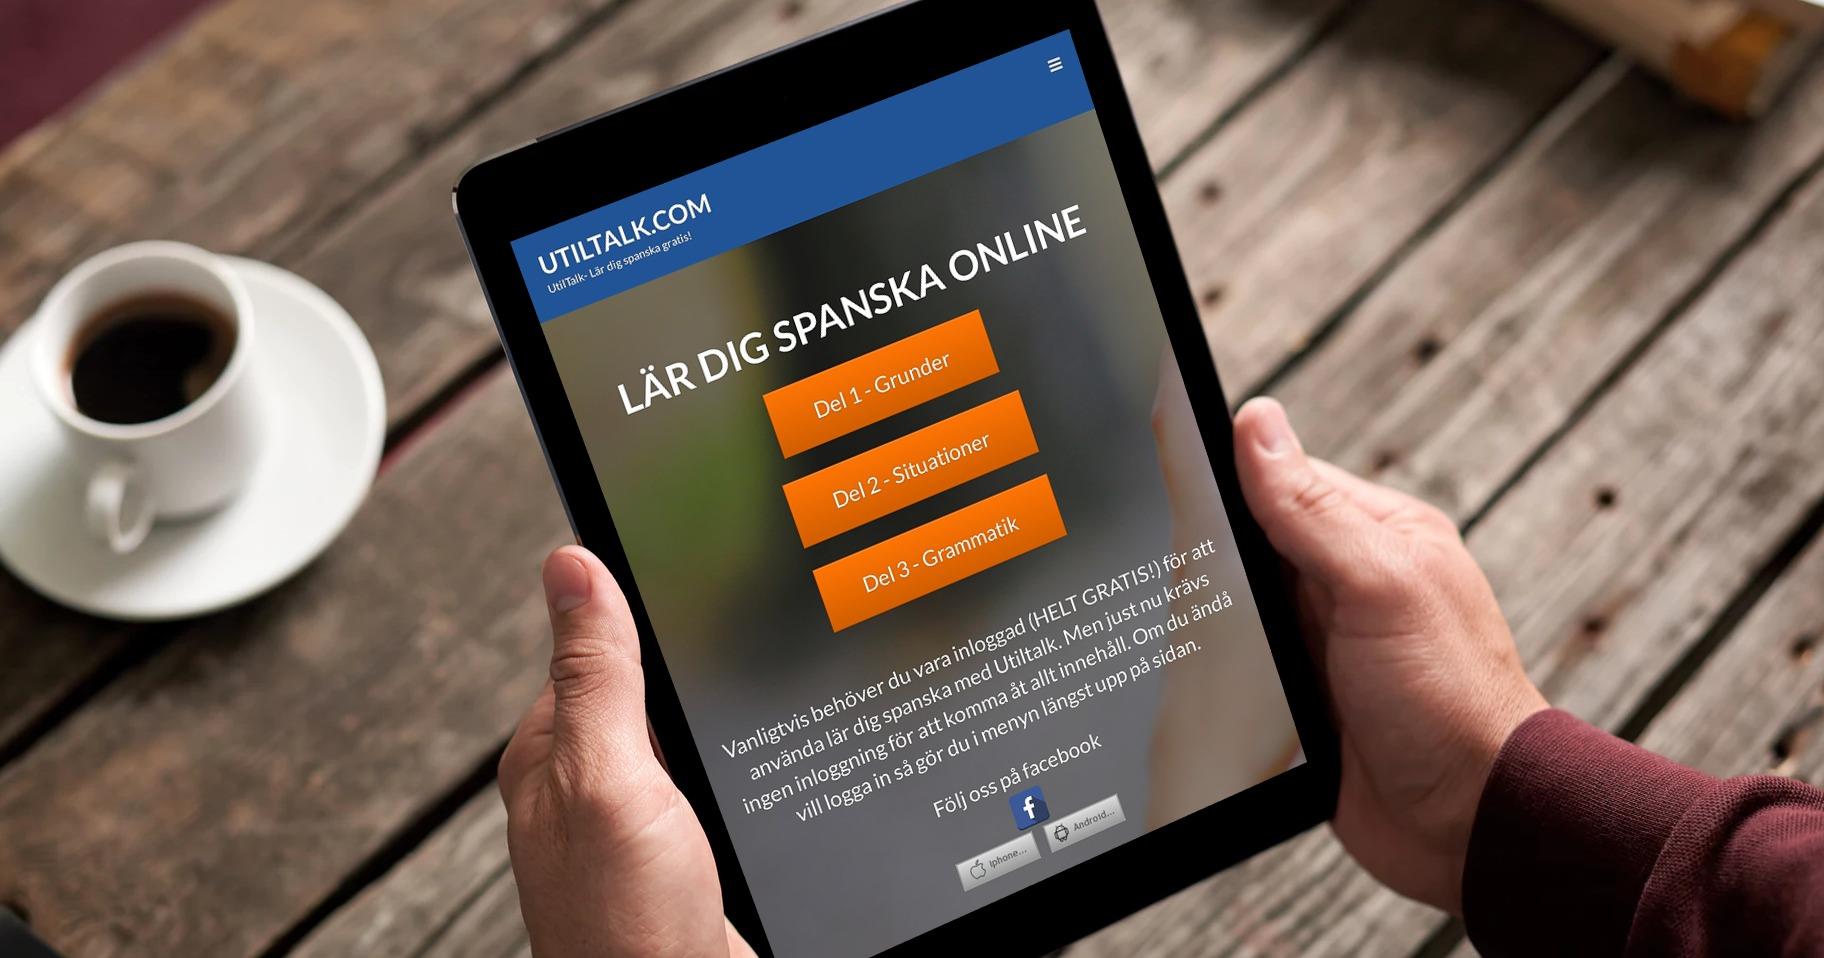 Lär dig spanska online gratis